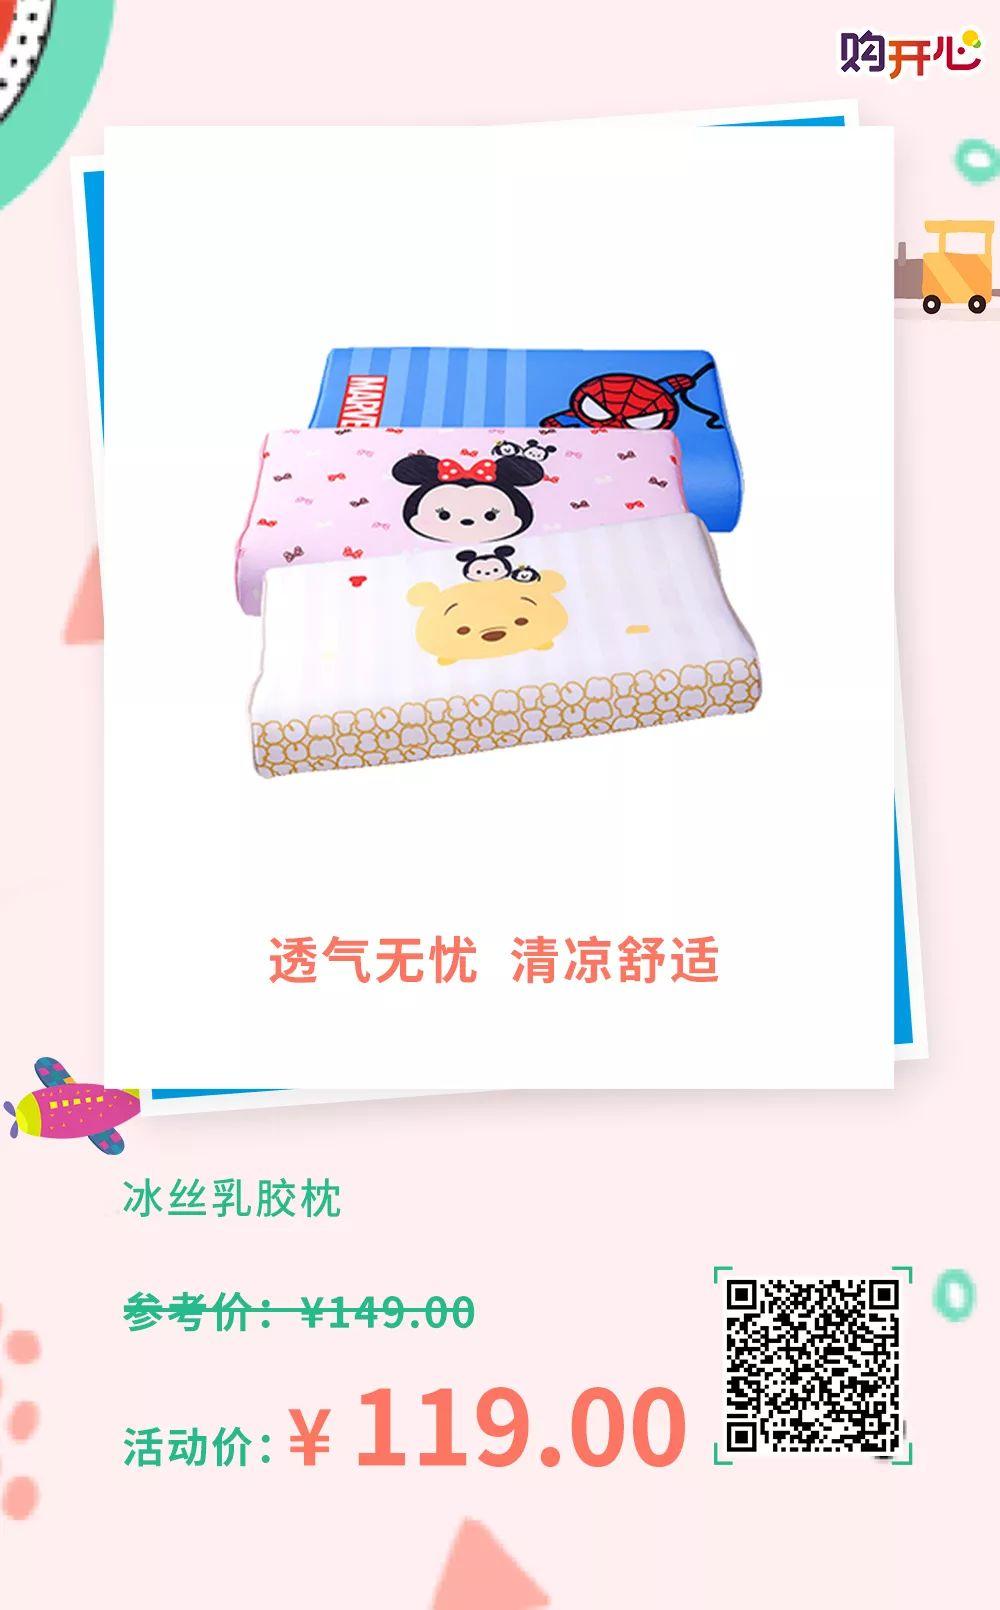 上海太平洋百货六一儿童节献礼 童装7折起